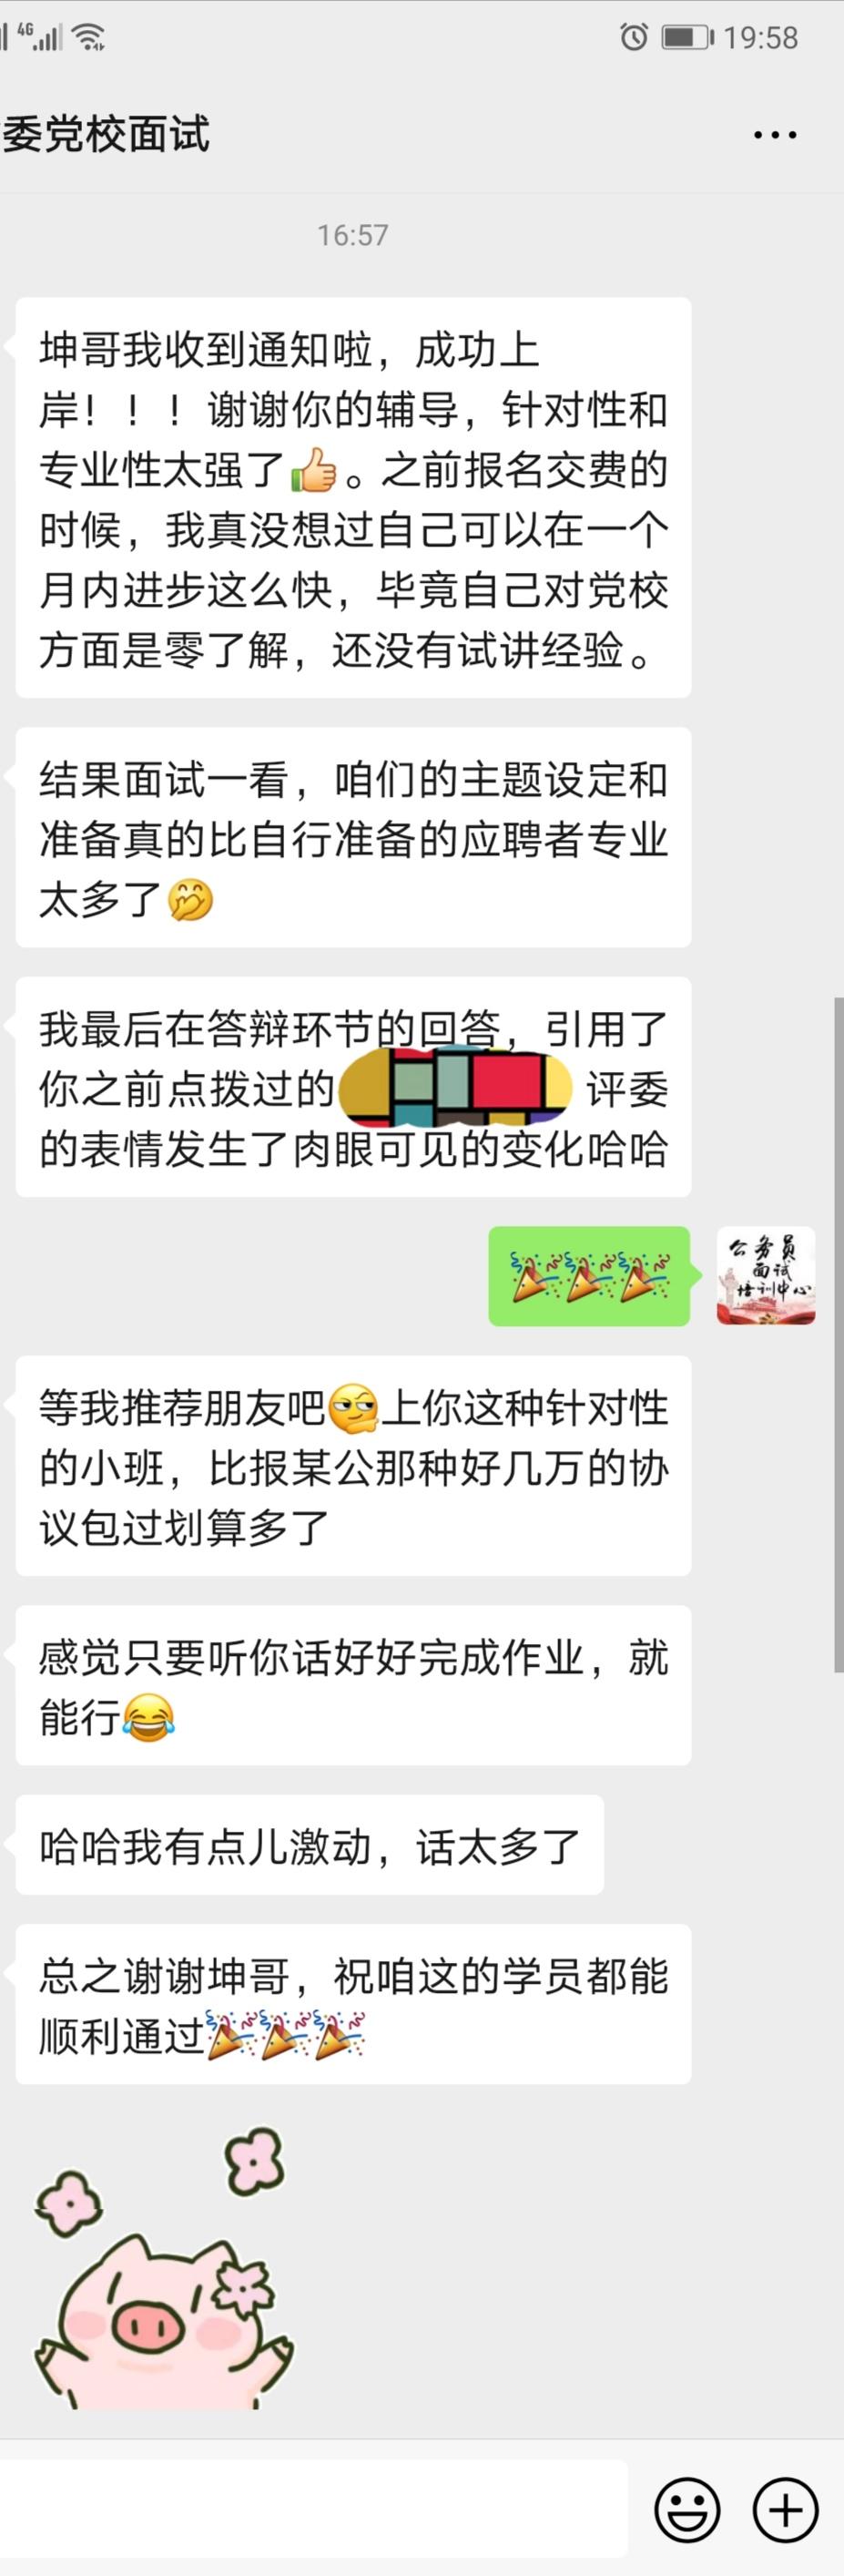 湖北省委党校2020年公开招聘面试辅导课程(图6)